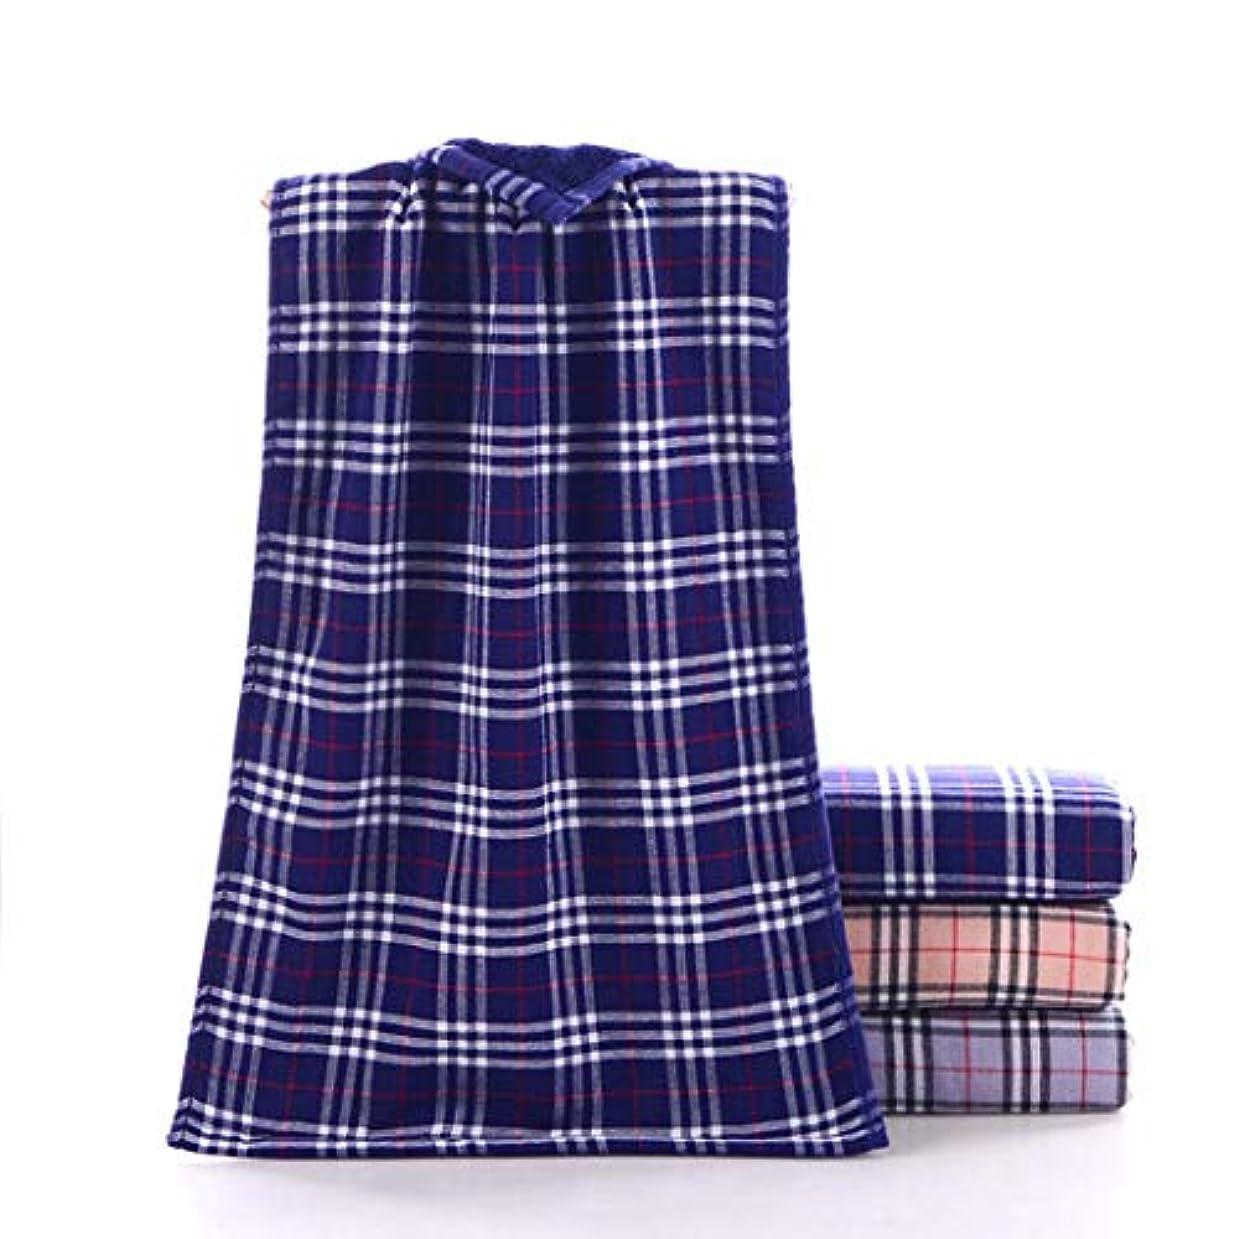 コットンハンドタオル非常に柔らかく、吸収性があり、毎日,Blue,34*75cm